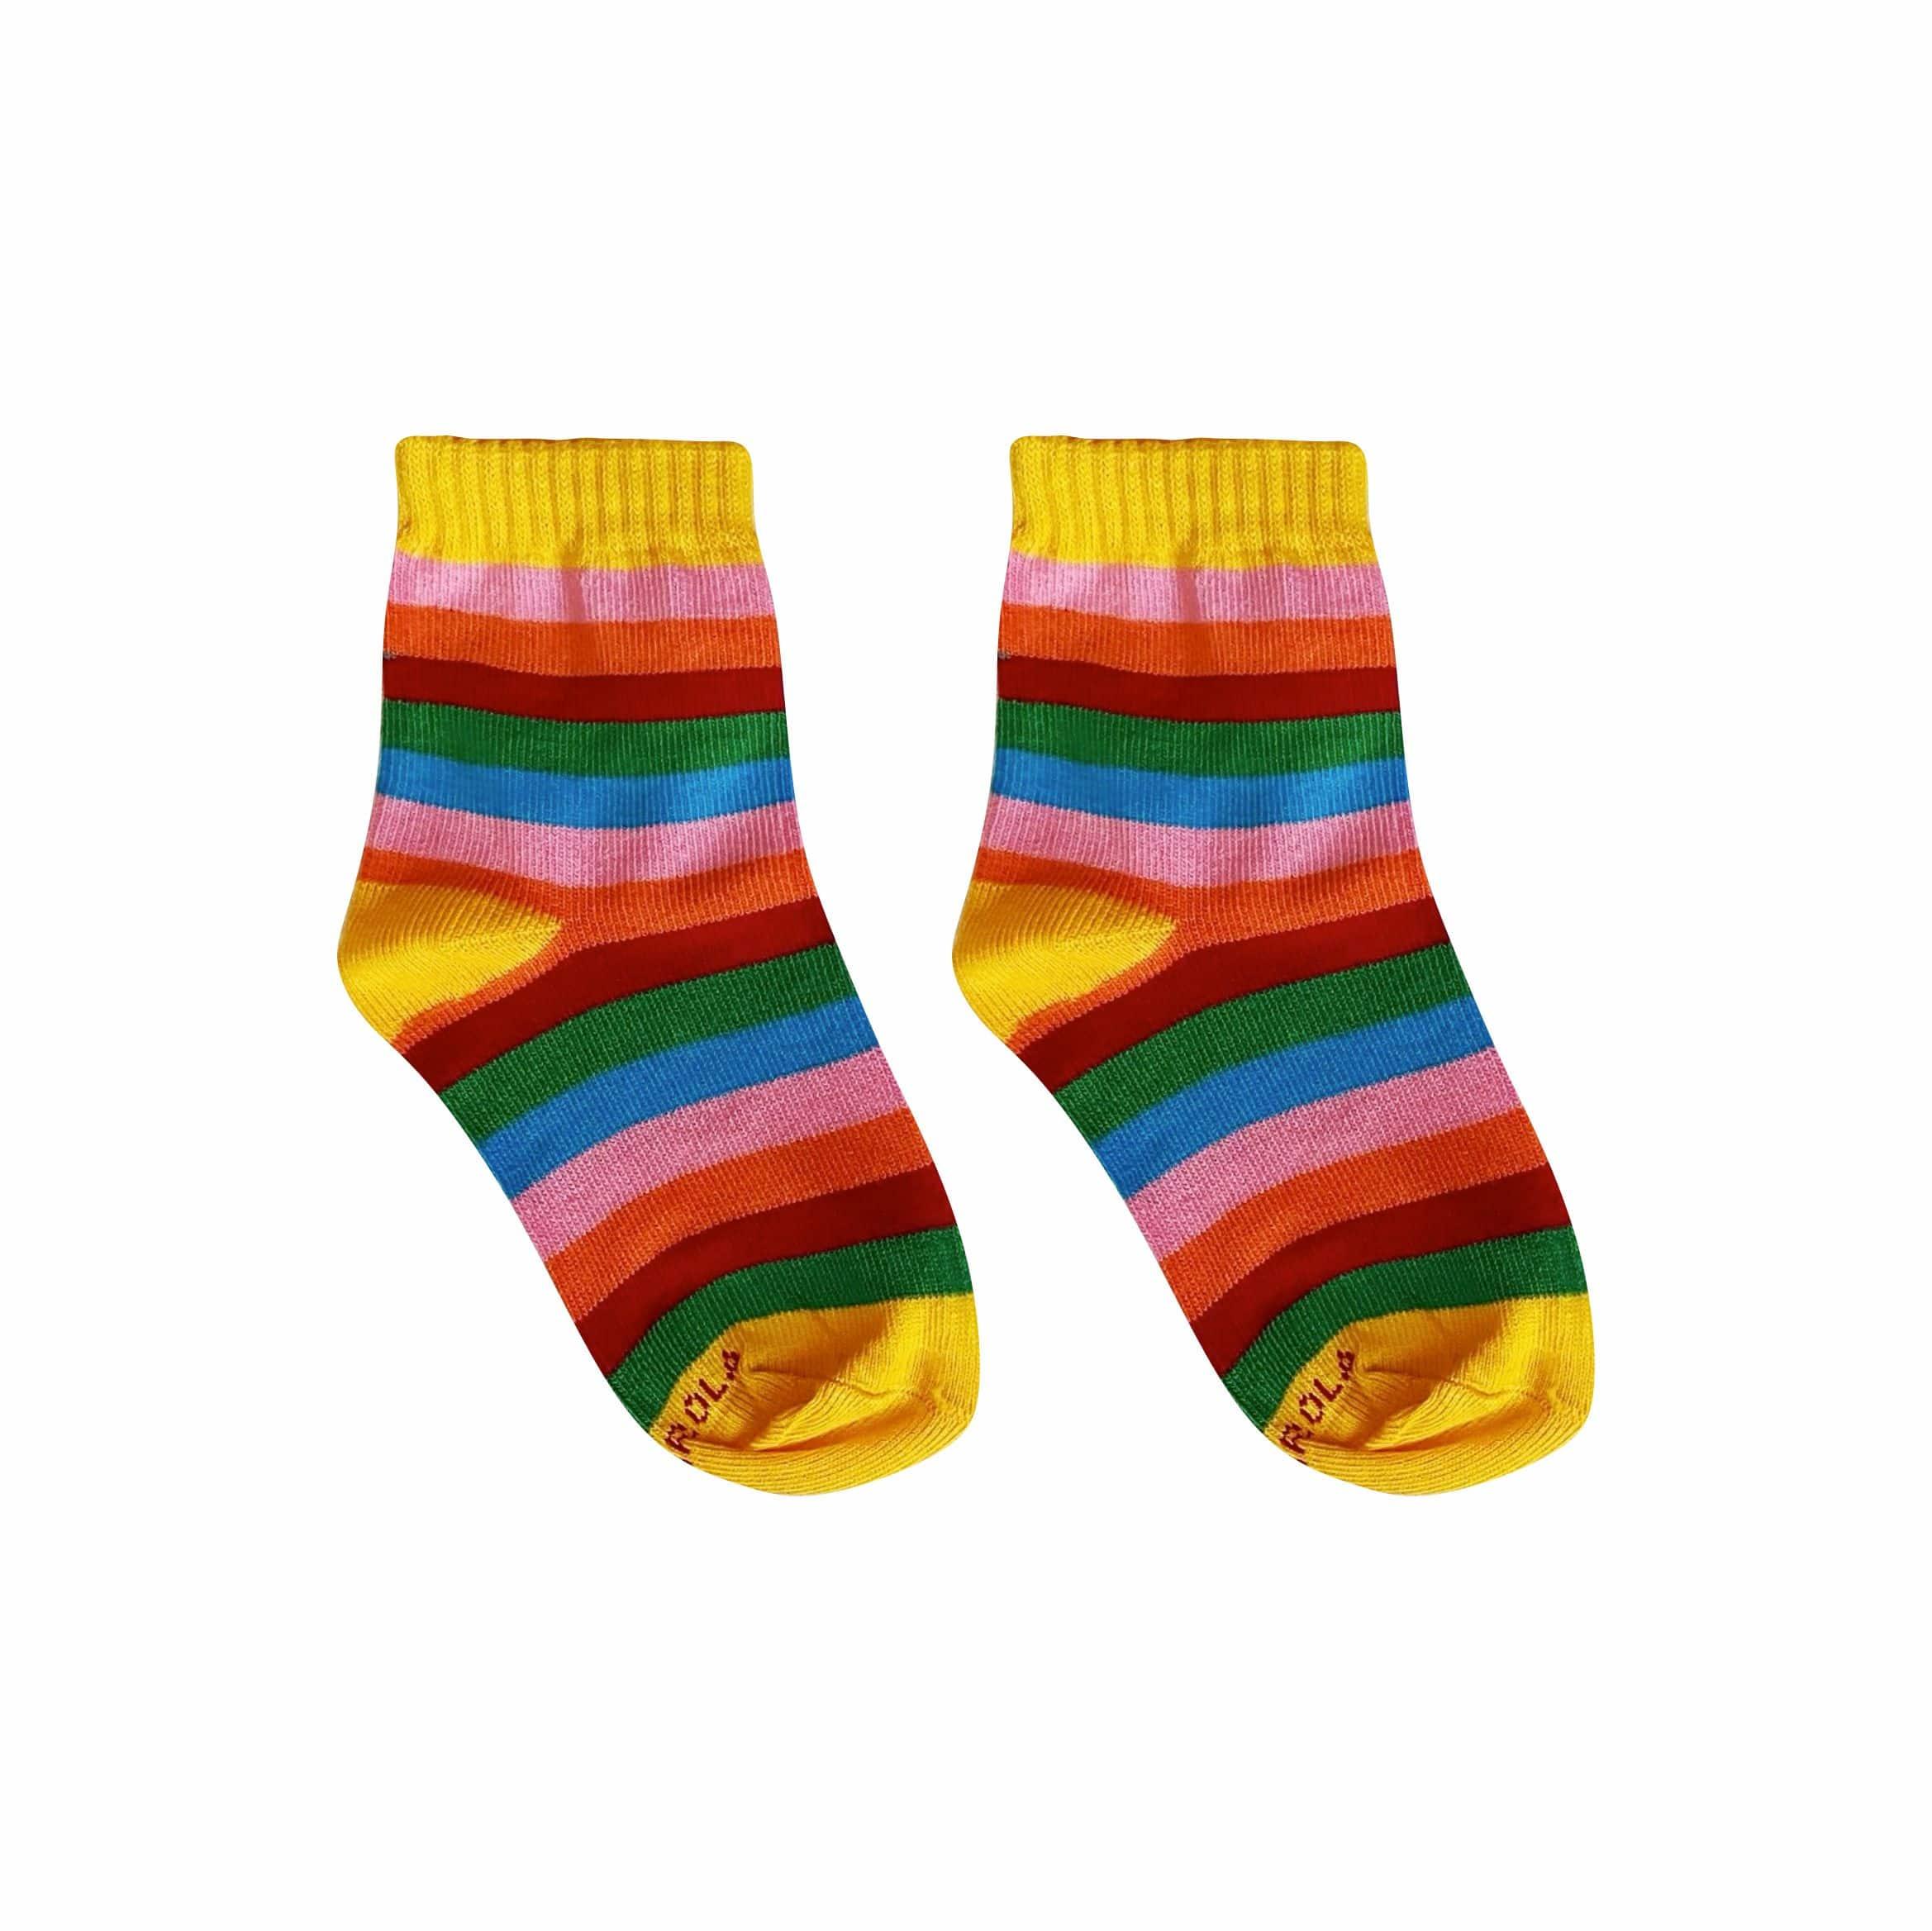 meia-soquete-arco-iris-retro-tam-21-a-24-cantarola